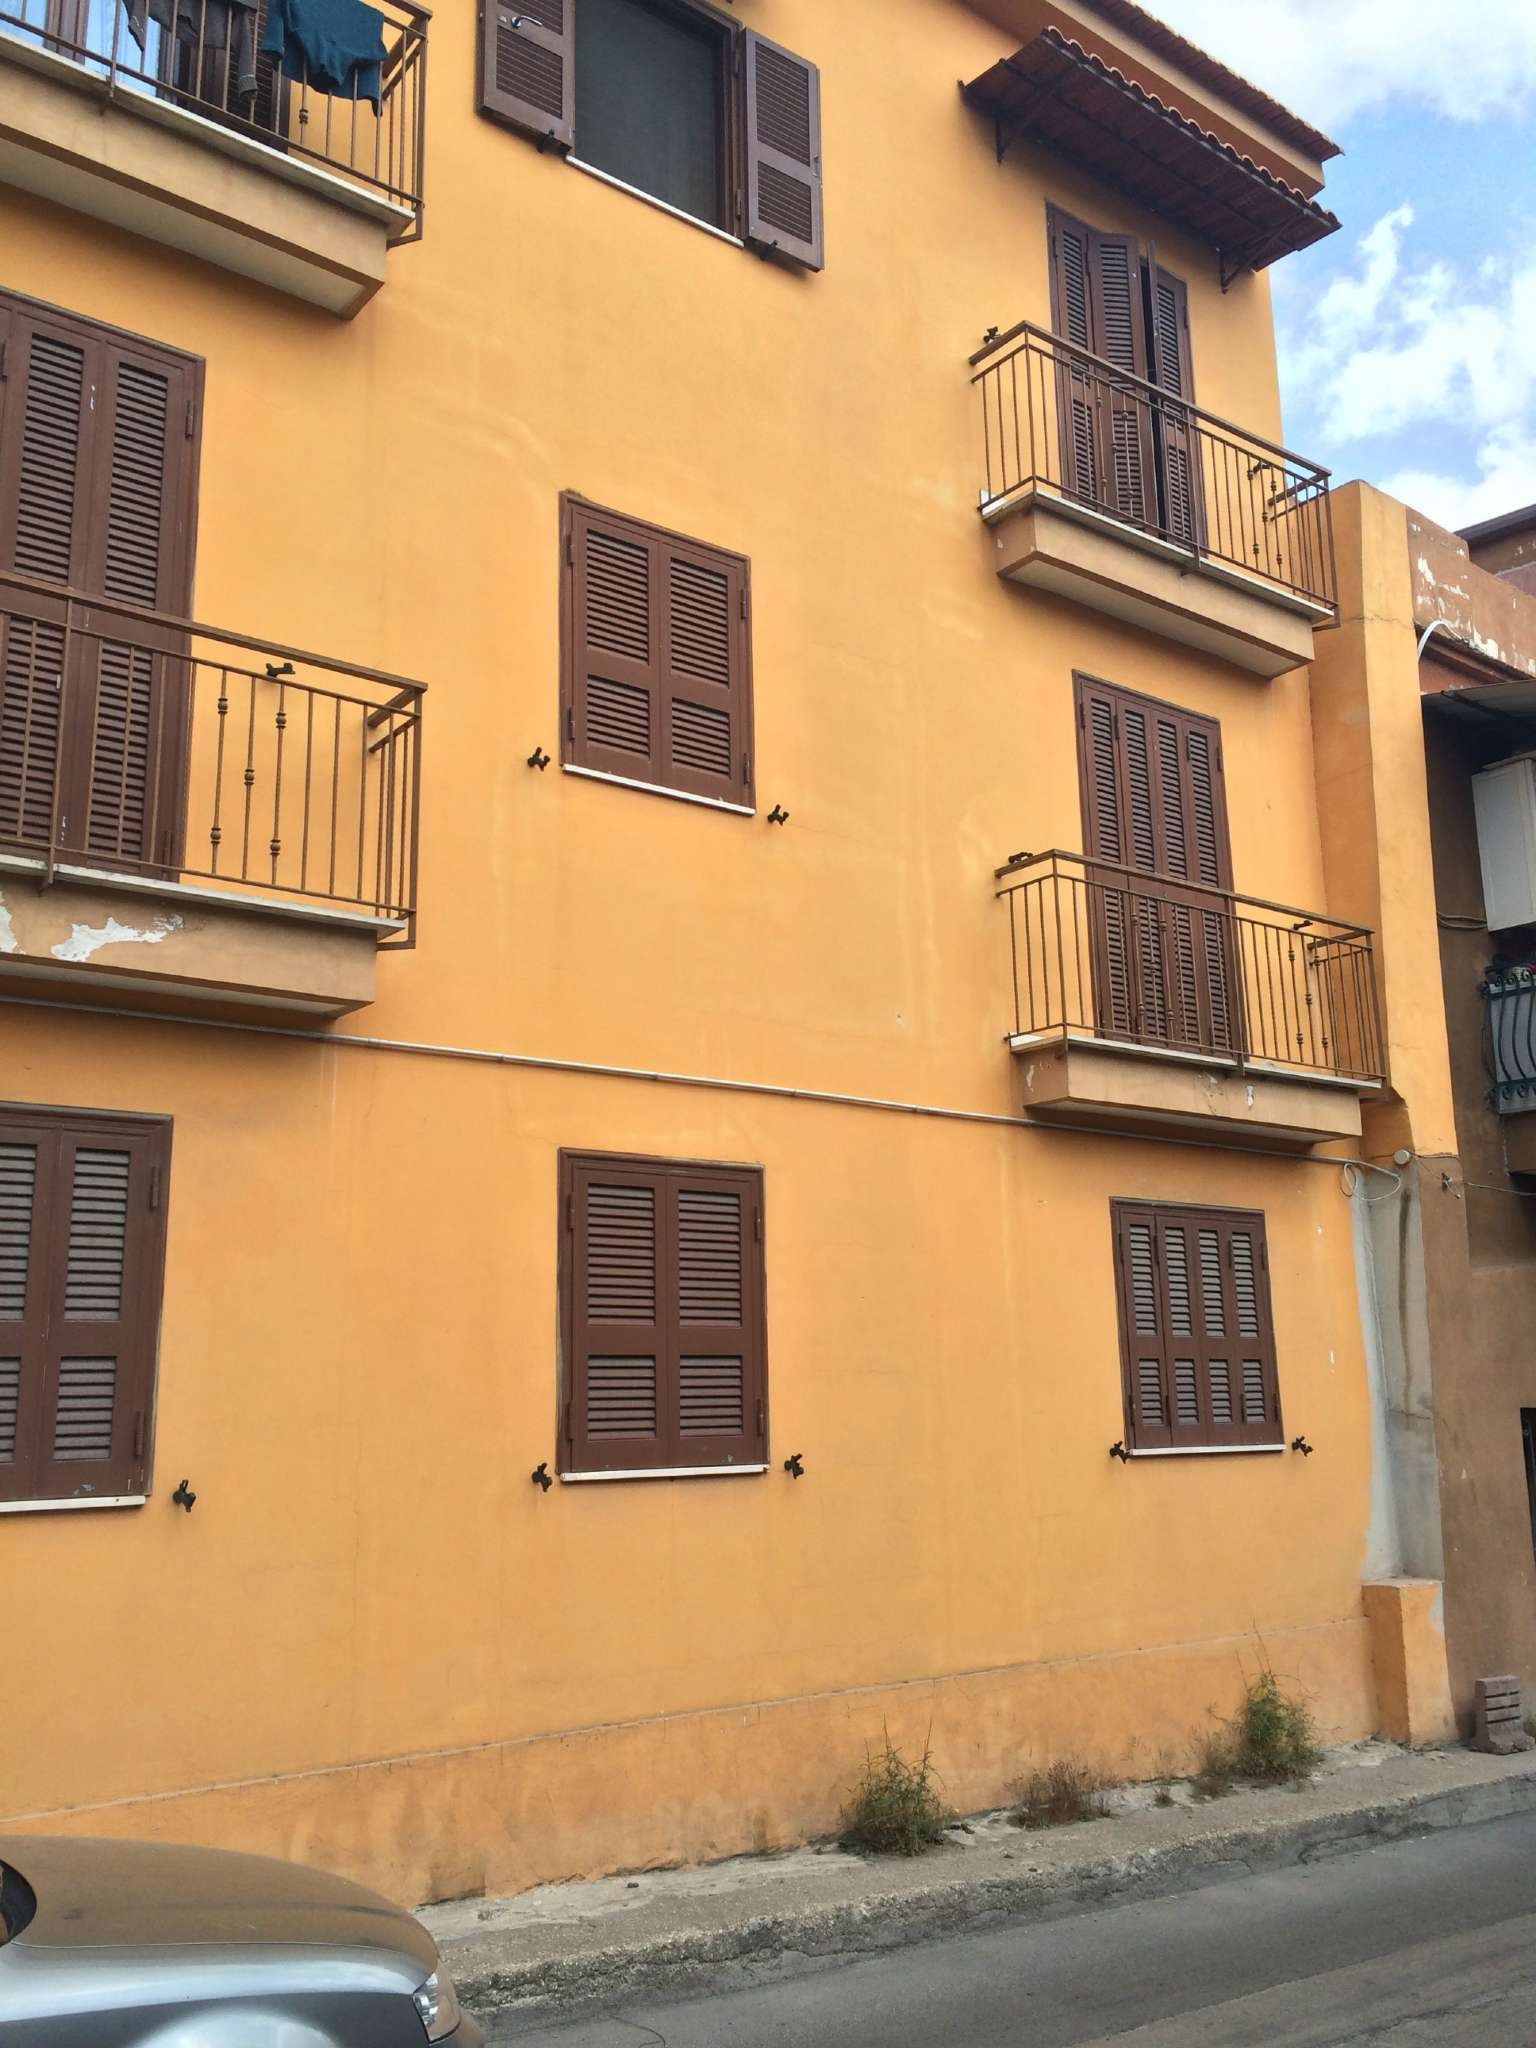 Appartamento in affitto a Marano di Napoli, 3 locali, prezzo € 450 | Cambio Casa.it